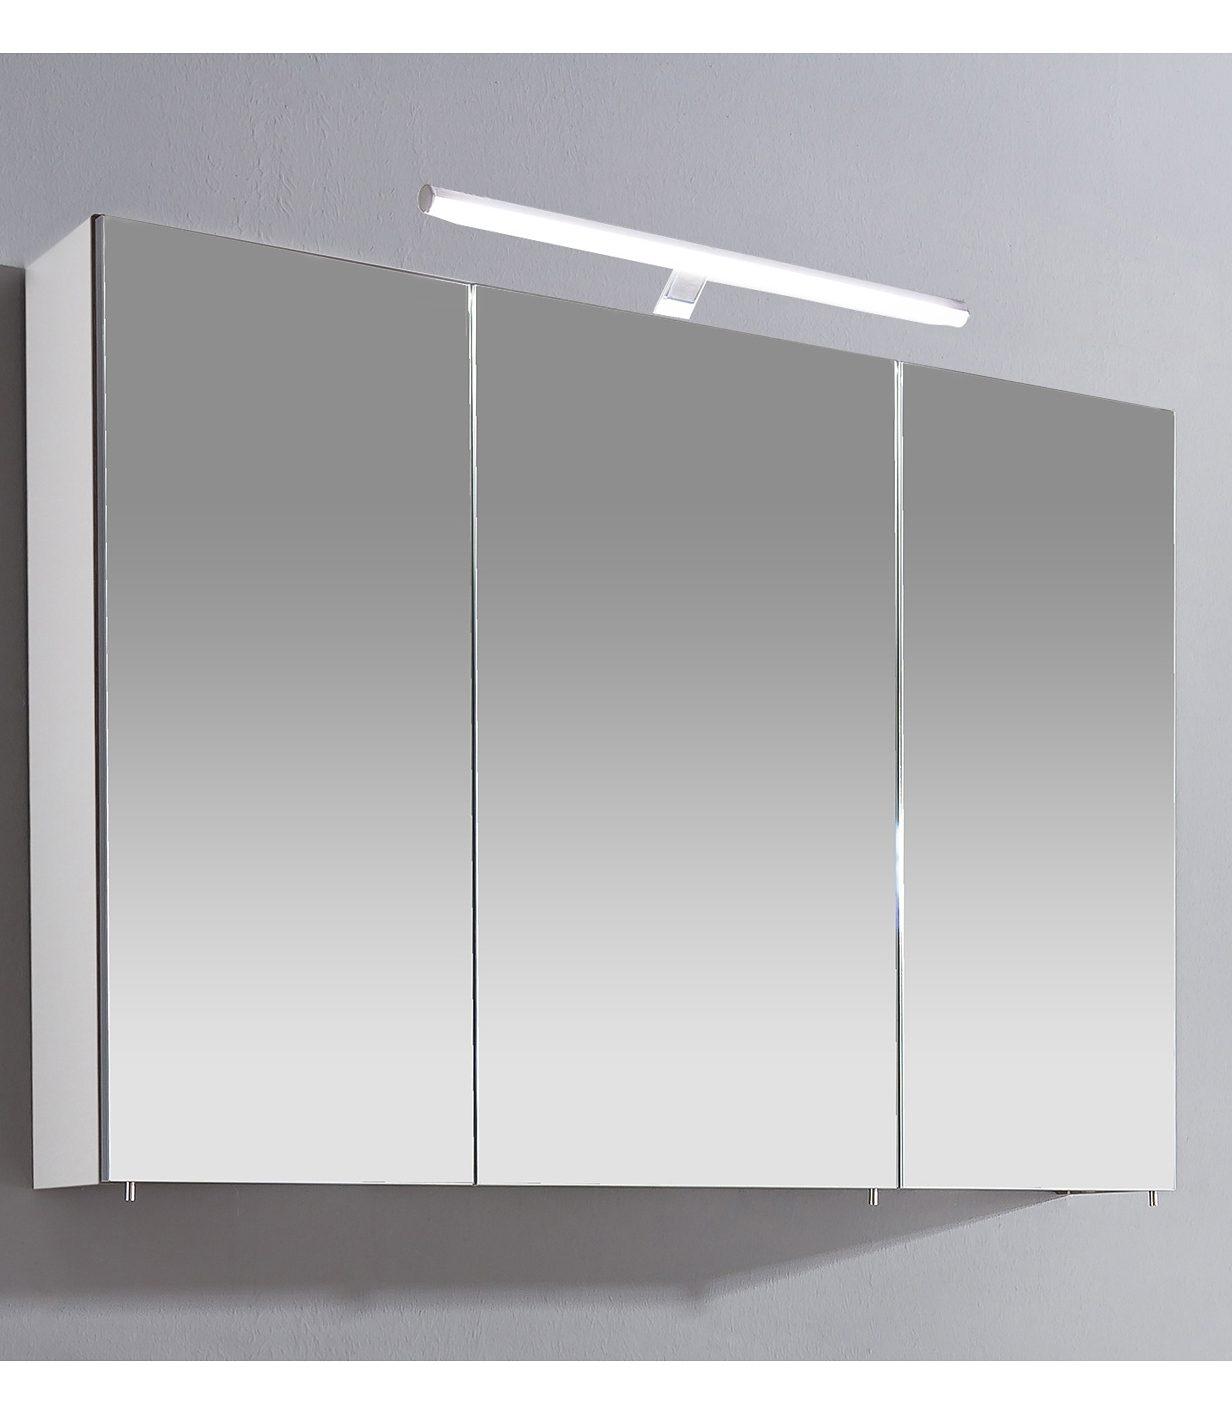 Hervorragend Spiegelschrank online kaufen » Viele Modelle | OTTO NQ79